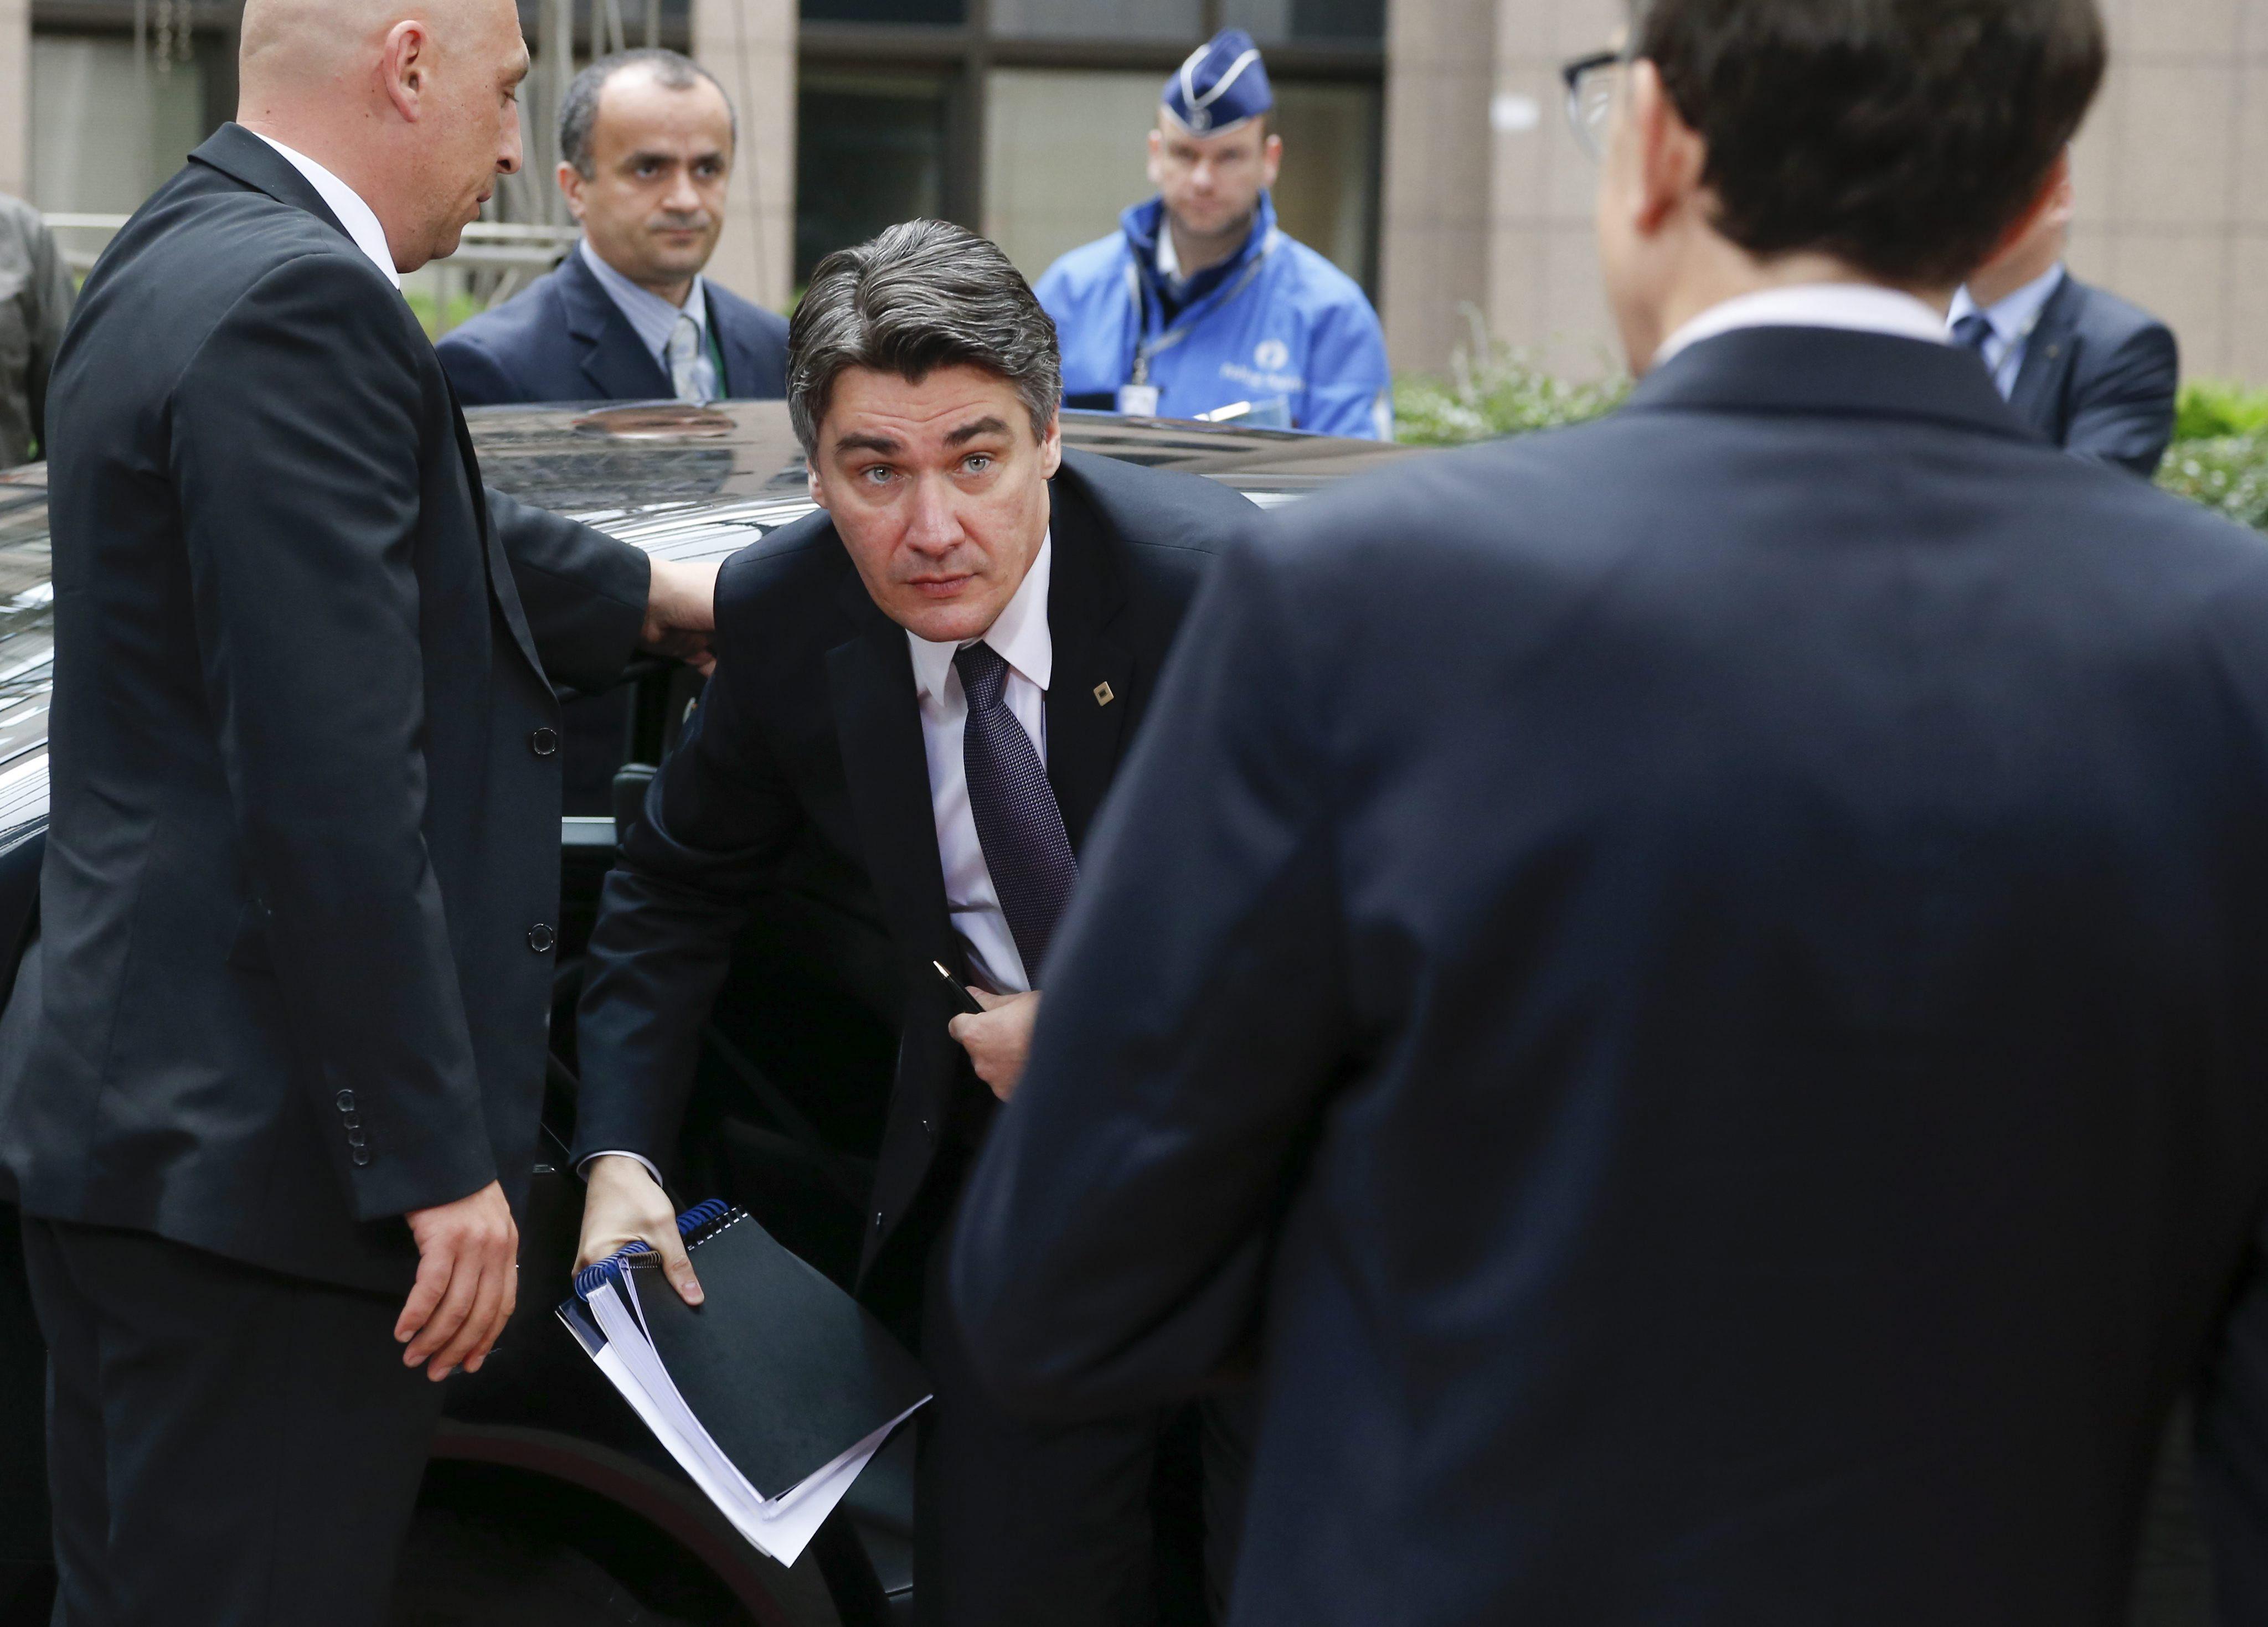 Espías, asesinato y la euroorden en el primer conflicto entre Croacia y la UE